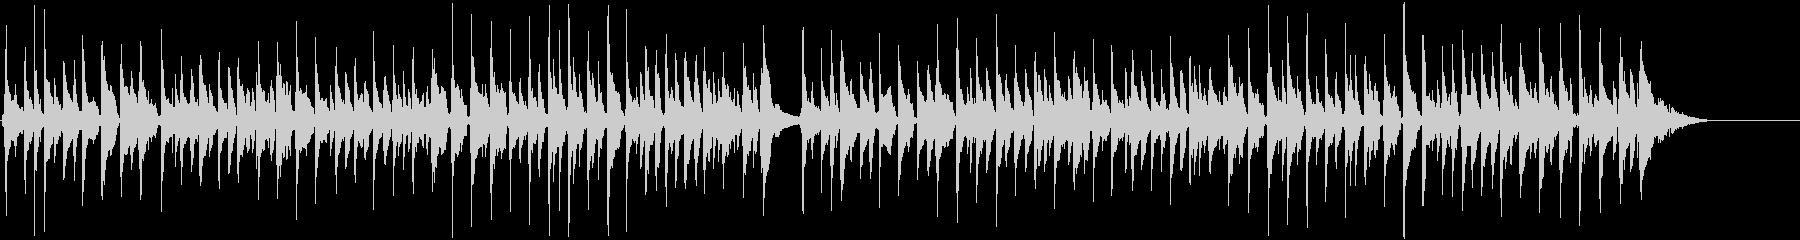 ウクレレとアコースティックサウンドの未再生の波形